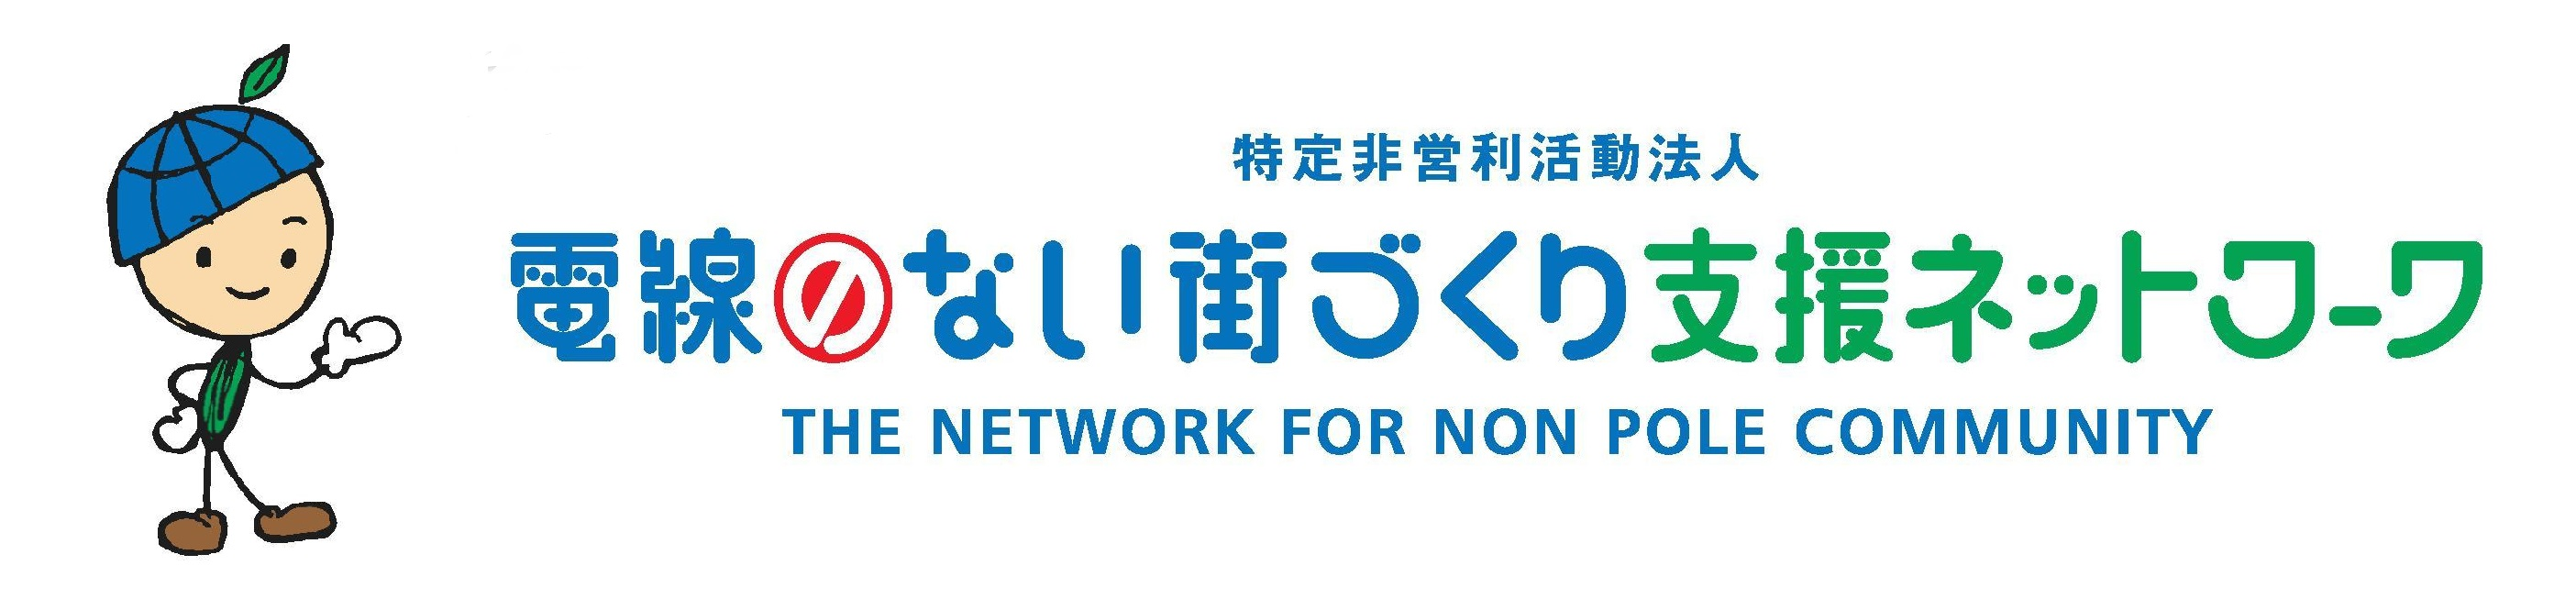 NPO法人電線のない街づくり支援ネットワーク